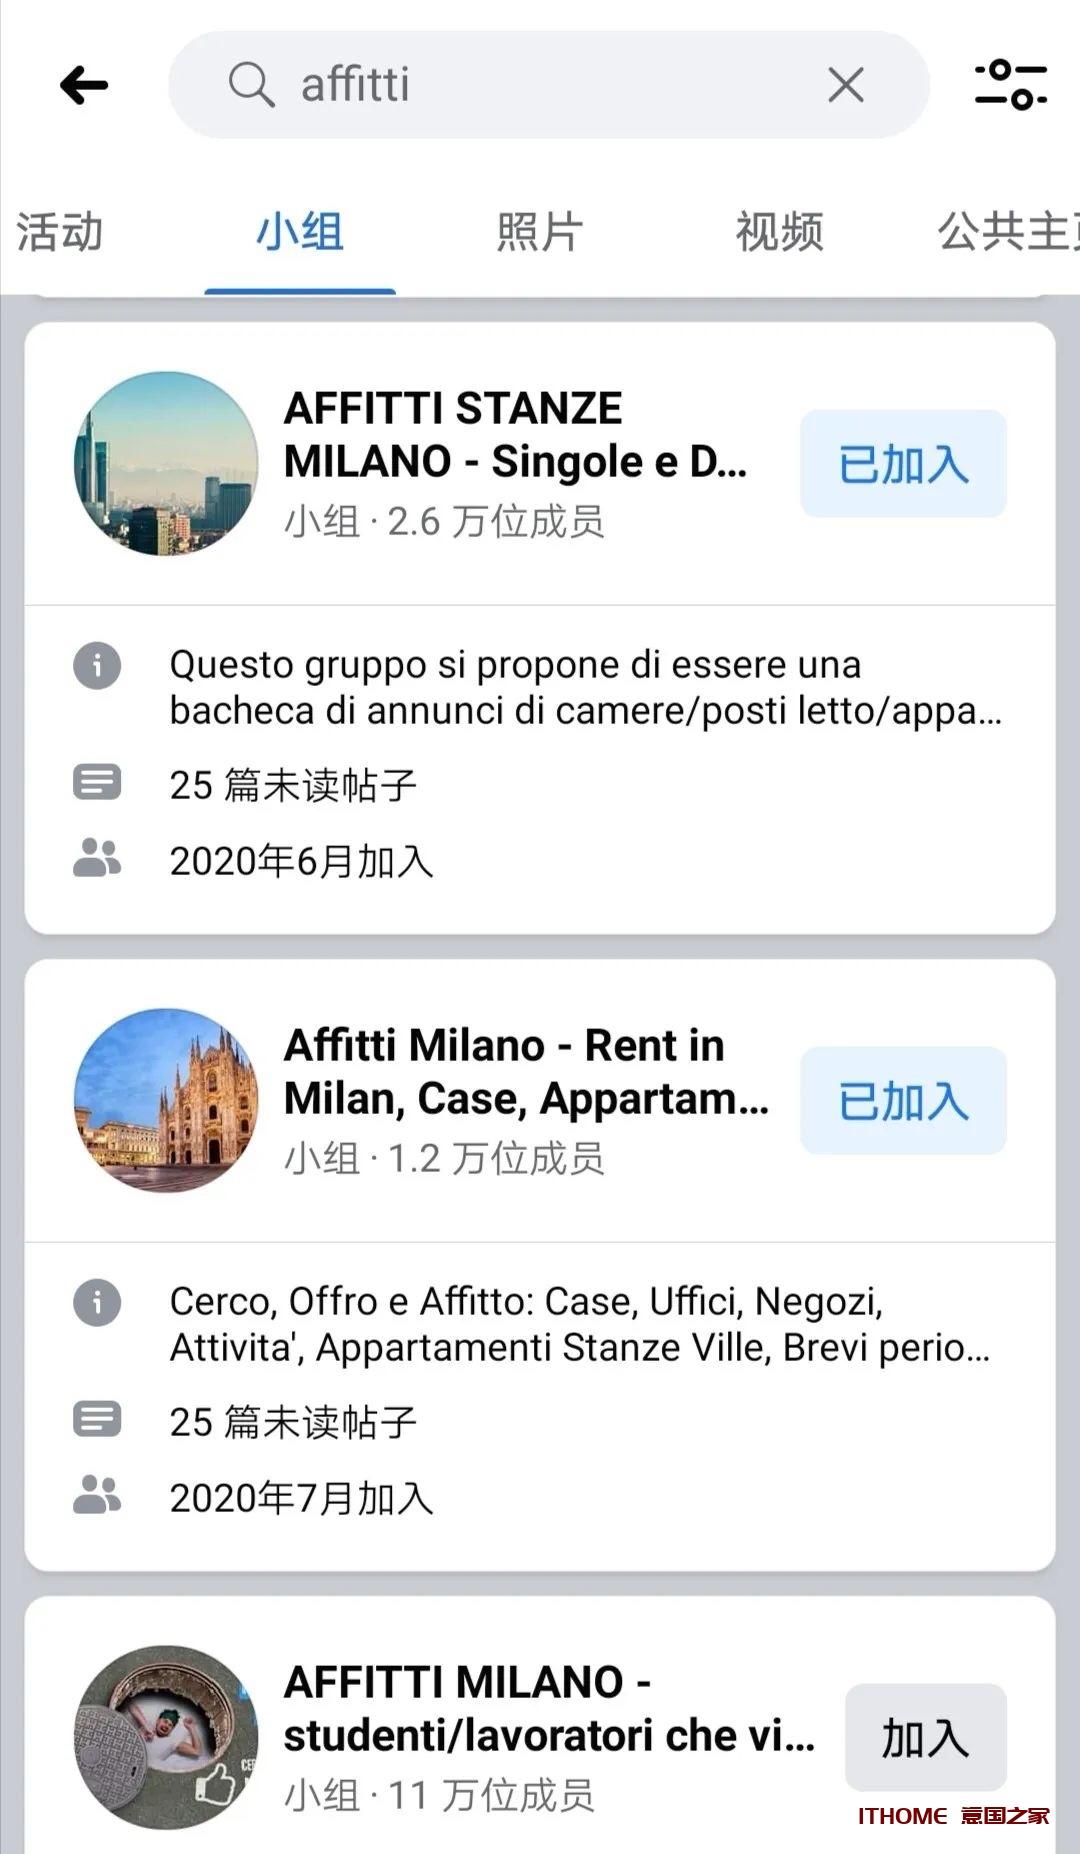 福利来啦!在意大利留学的学姐给你支招,让你不走弯路,轻松租到心仪的房子! 生活百科 第9张